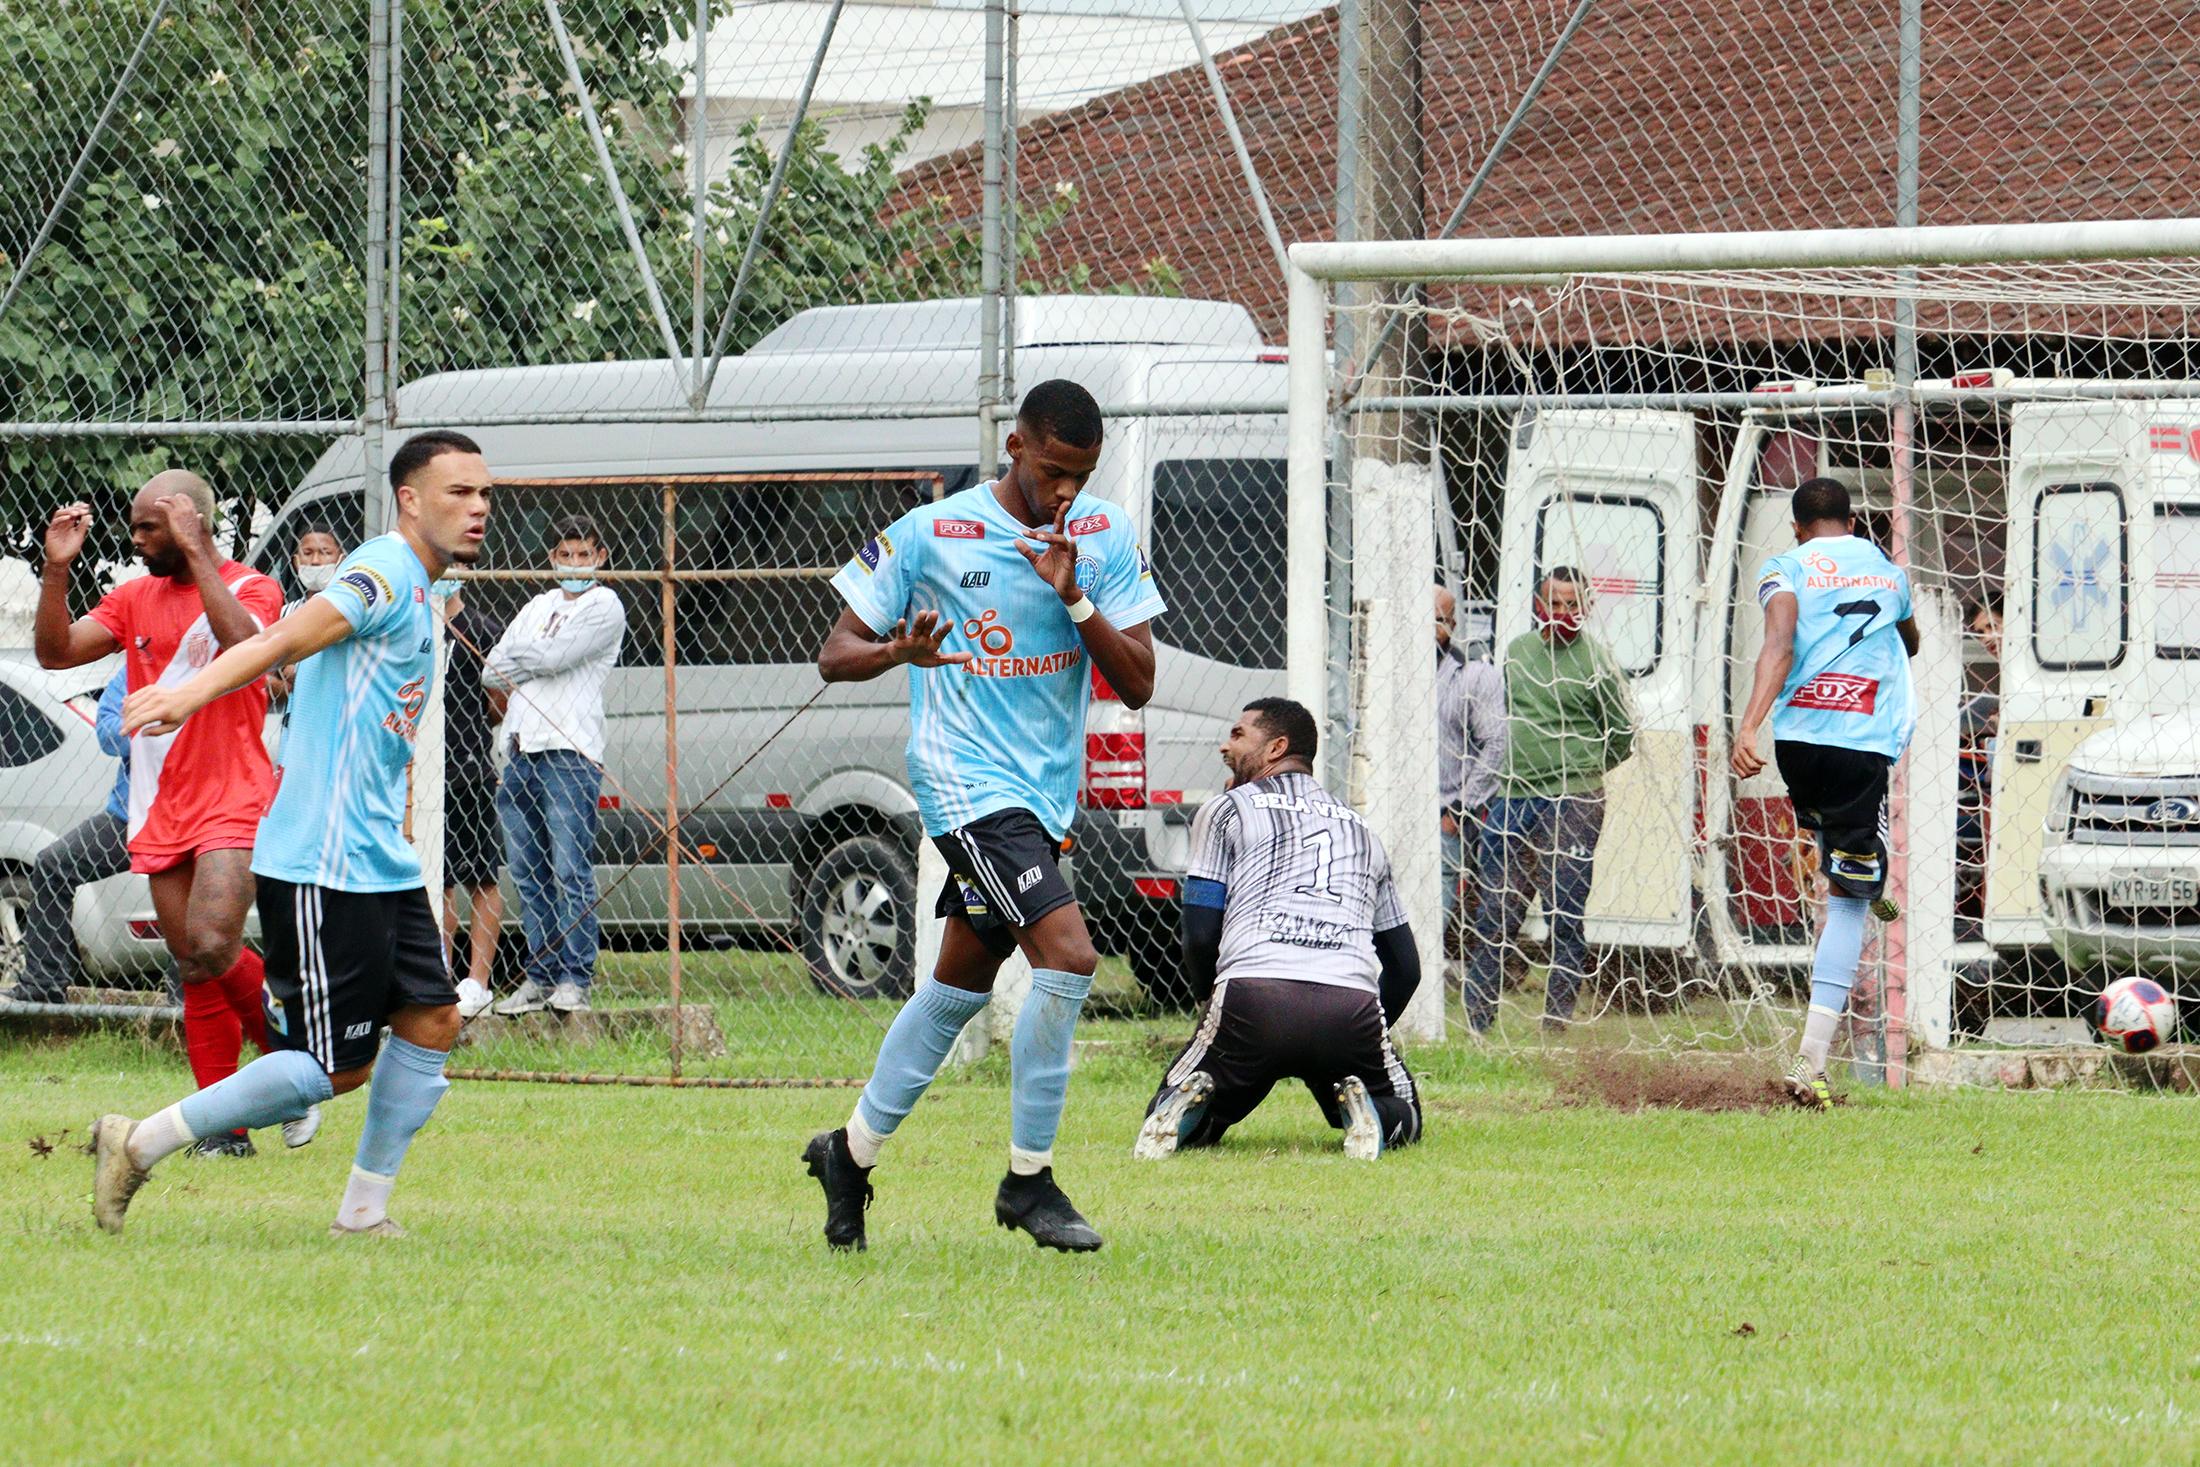 A equipe macaense, que tem o melhor ataque do campeonato com 16 gols